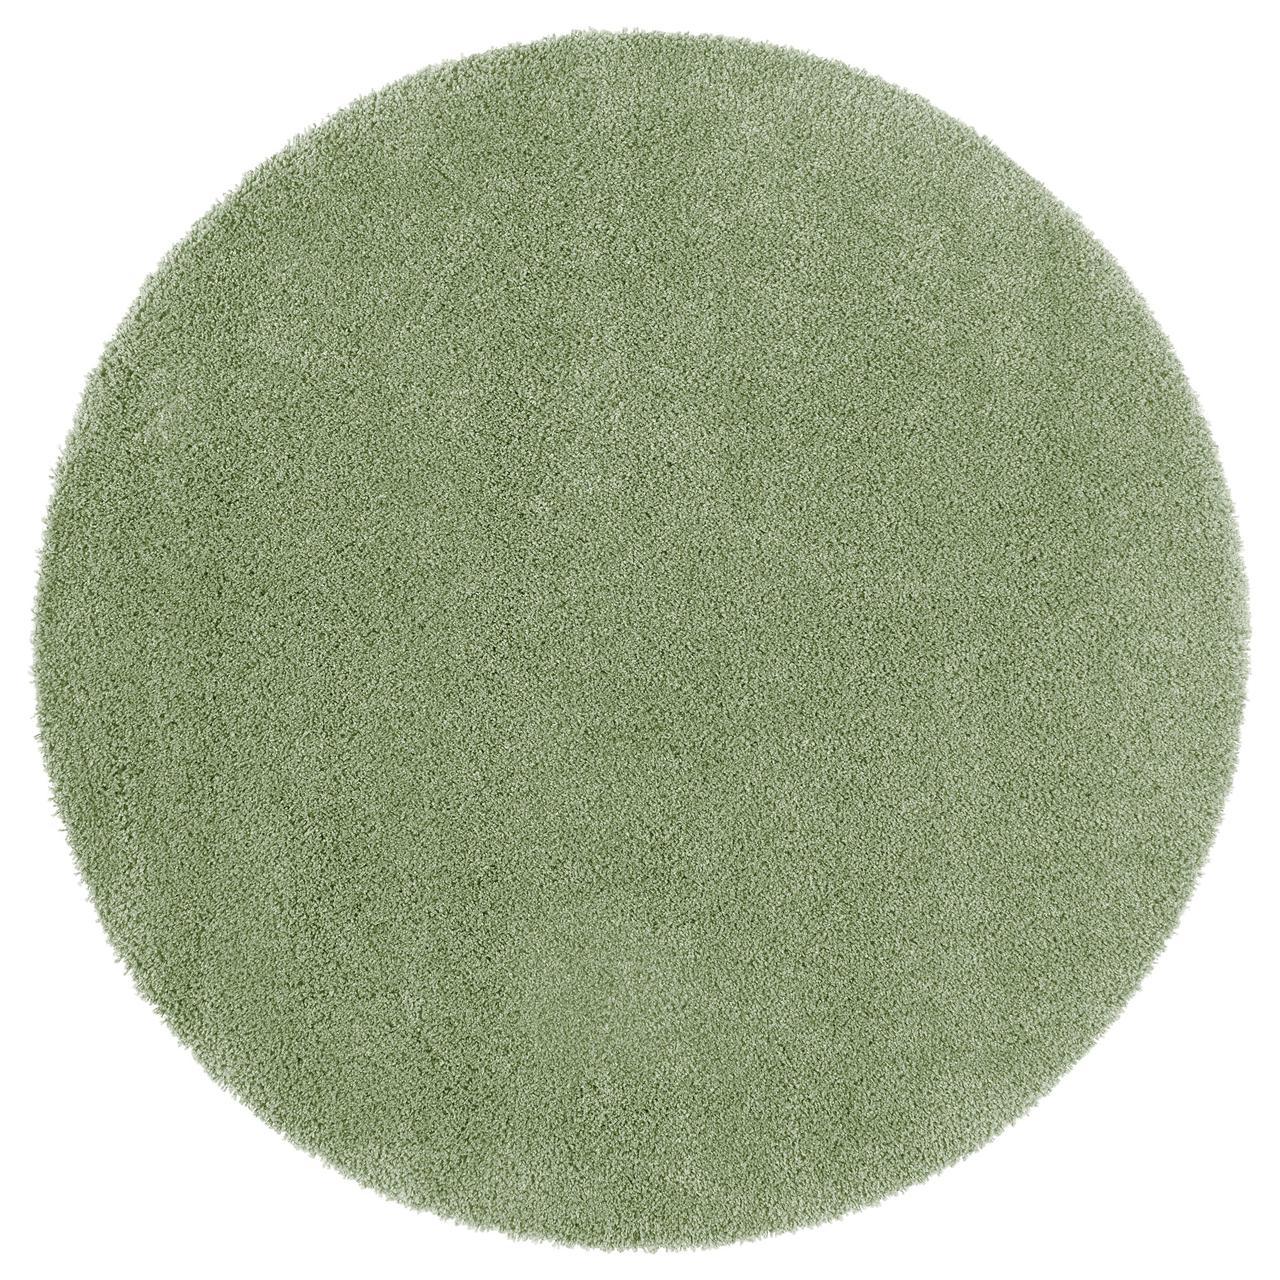 ОДУМ Ковер, длинный ворс, светло-зеленый